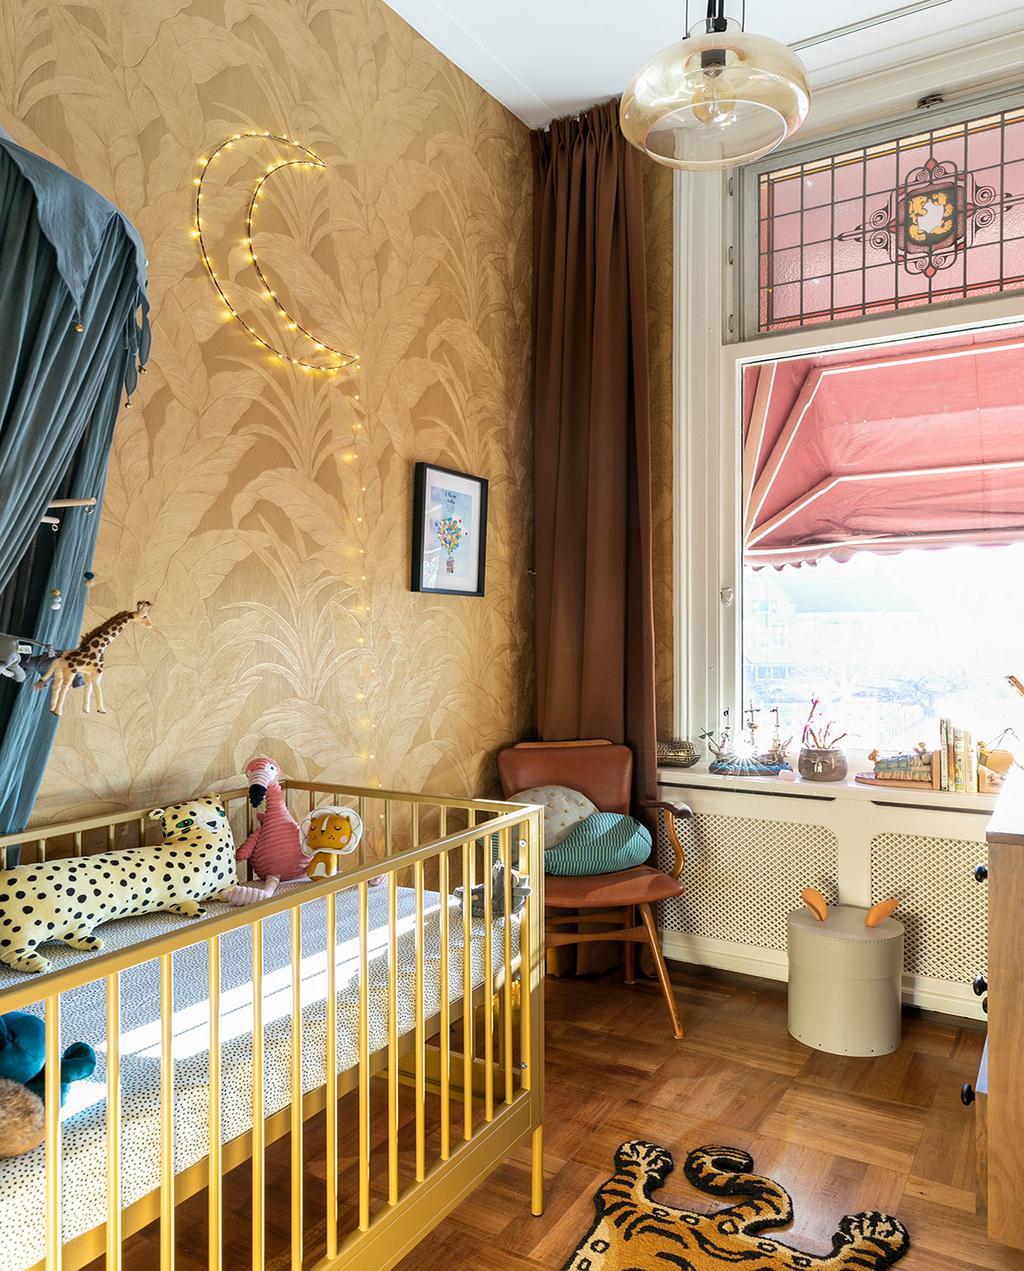 vtwonen 01-2021 | binnenkijken bij interior junkie, kinderkamer met nachtlampje van maan, behang met bloemenprint